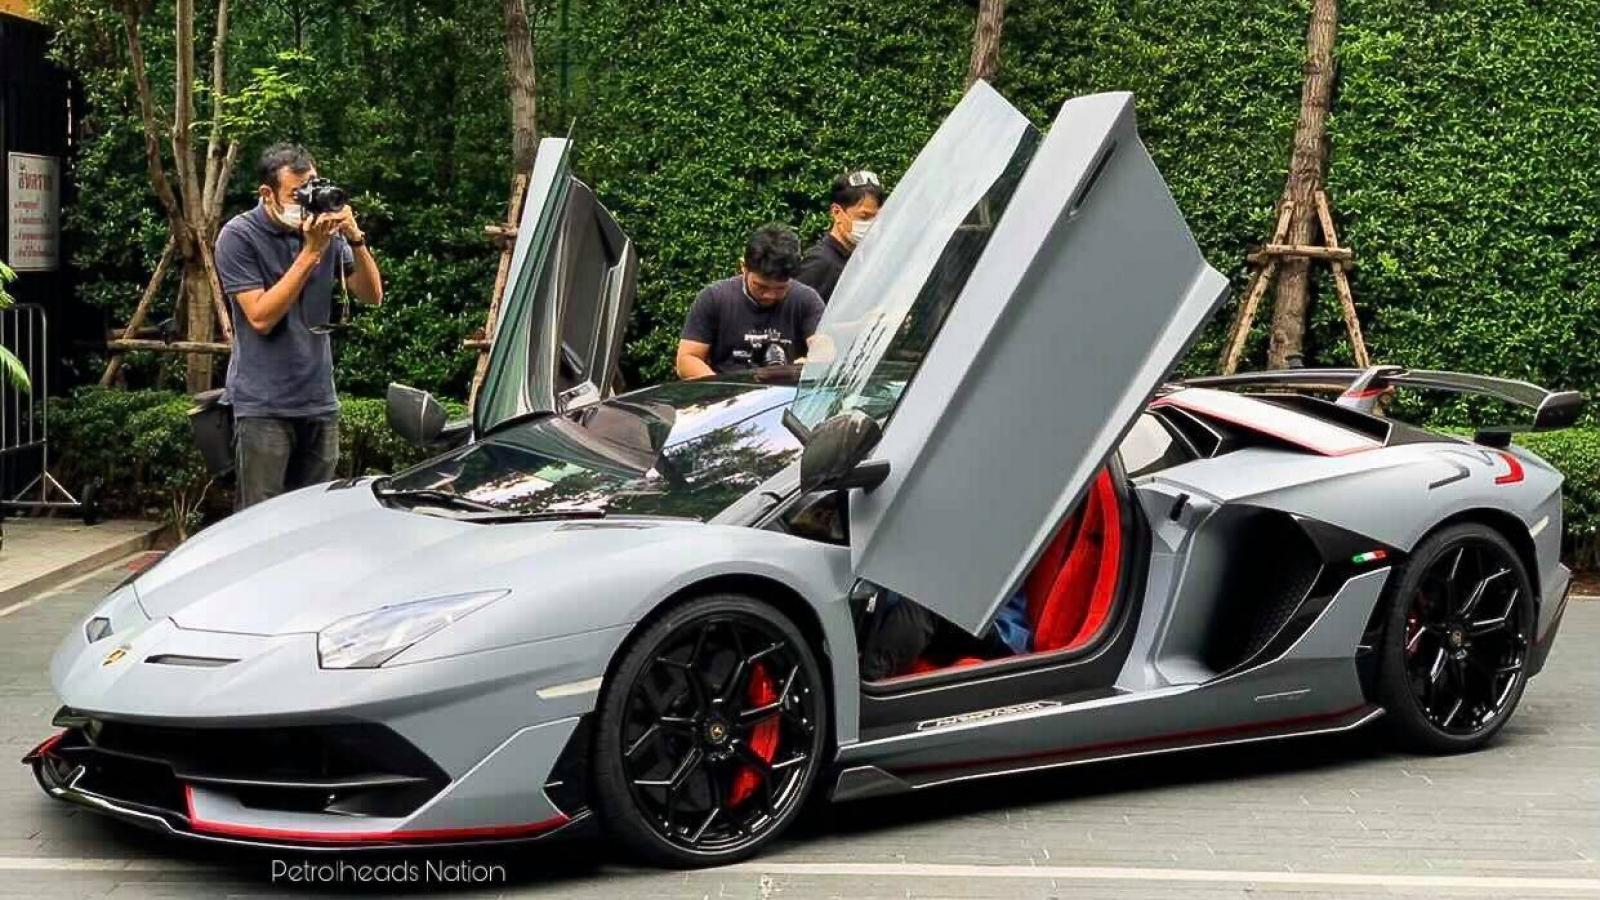 Chiếc Lamborghini Aventador thứ 10.000 xuất hiện trên phố